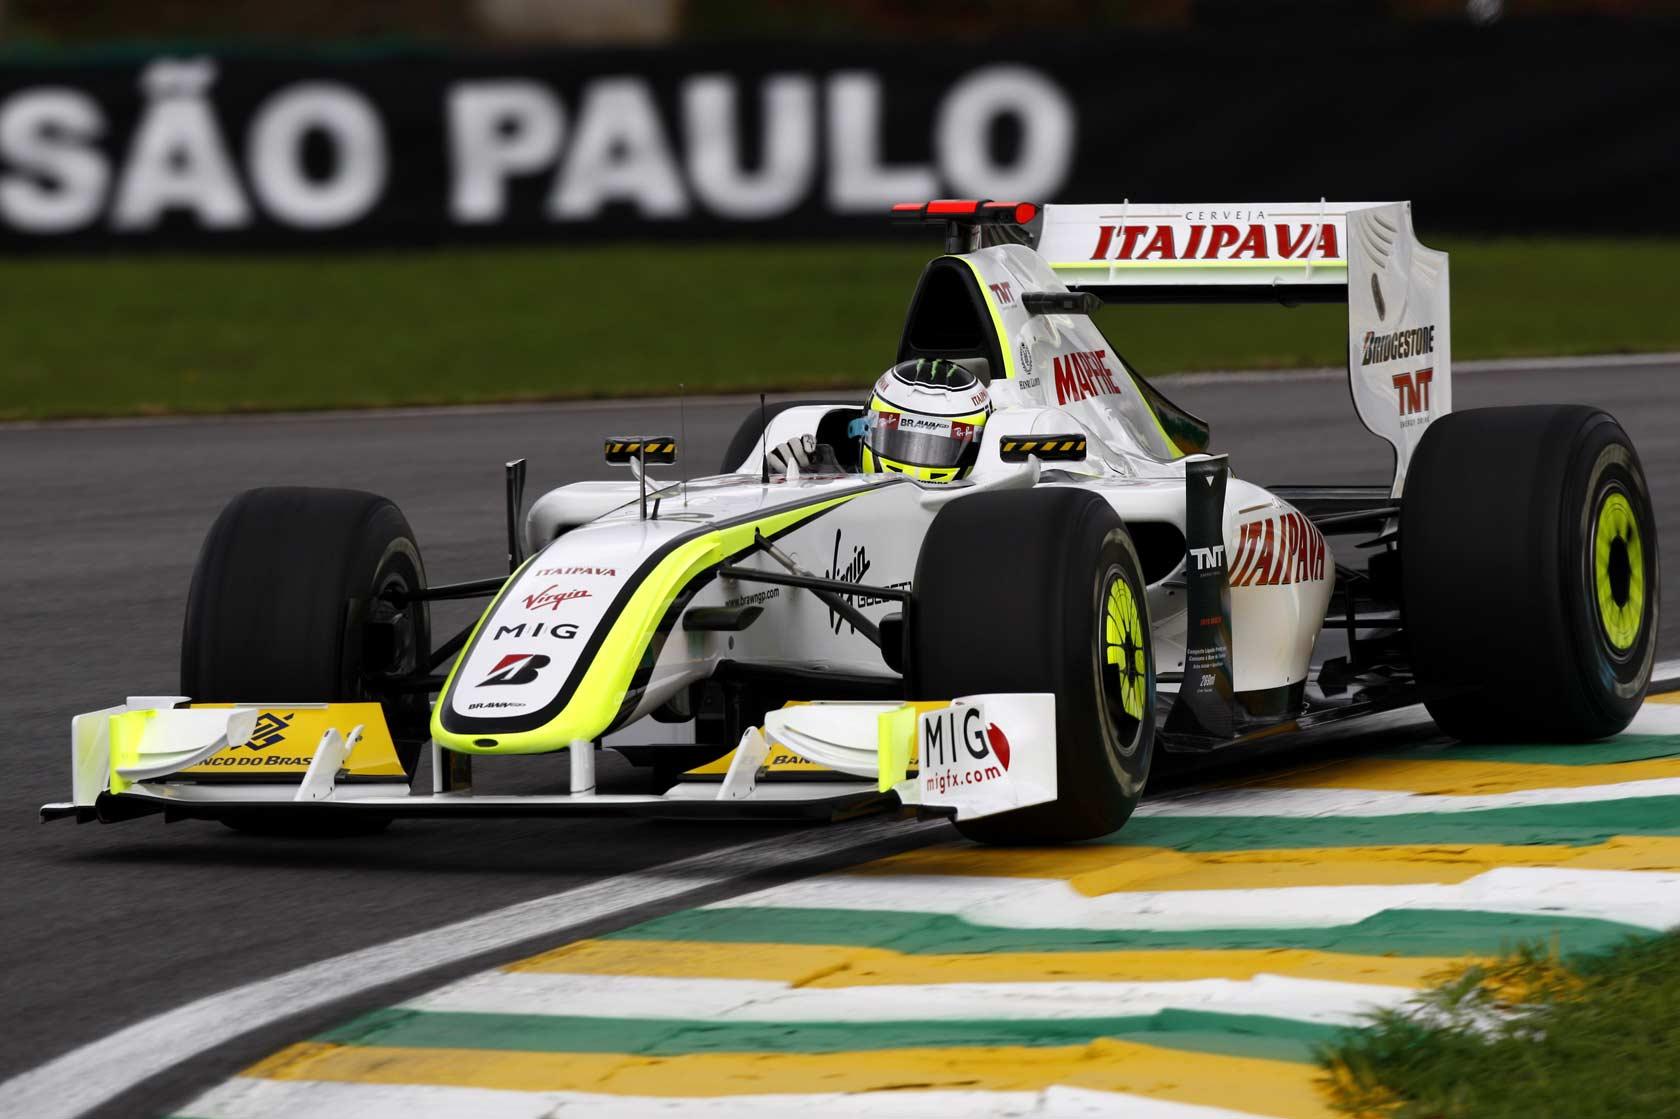 Jenson Button al volante della BrawnGP, durante il GP del Brasile 2009, gara che lo consacrò Campione del Mondo (foto da: f1fanatic.co.uk)